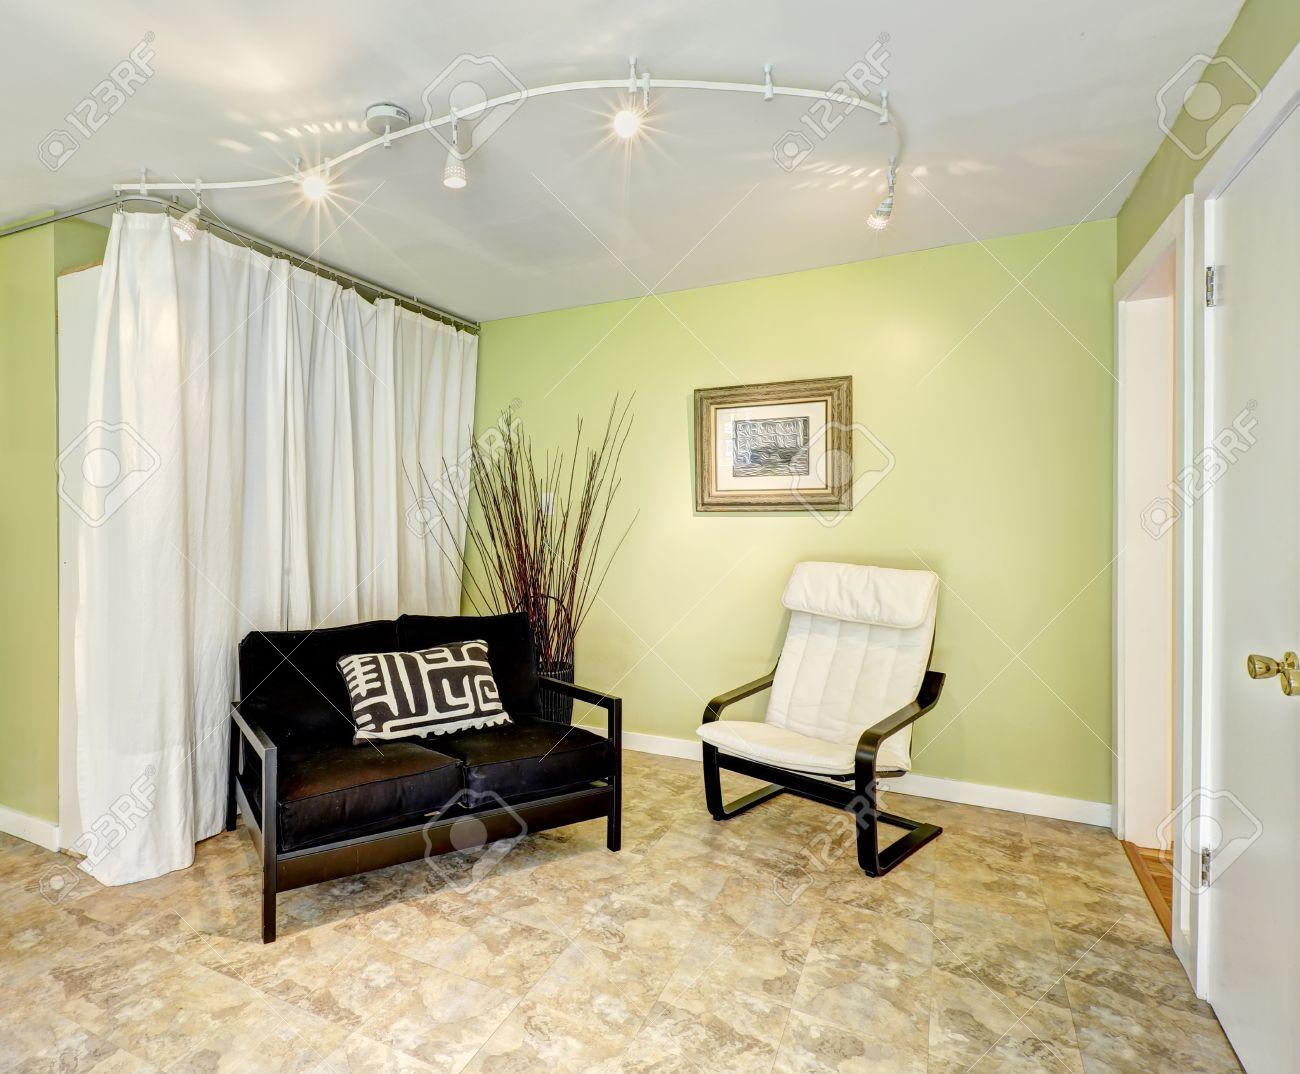 casa de campo de interiores sala de estar con cortinas y paredes de color amarillo